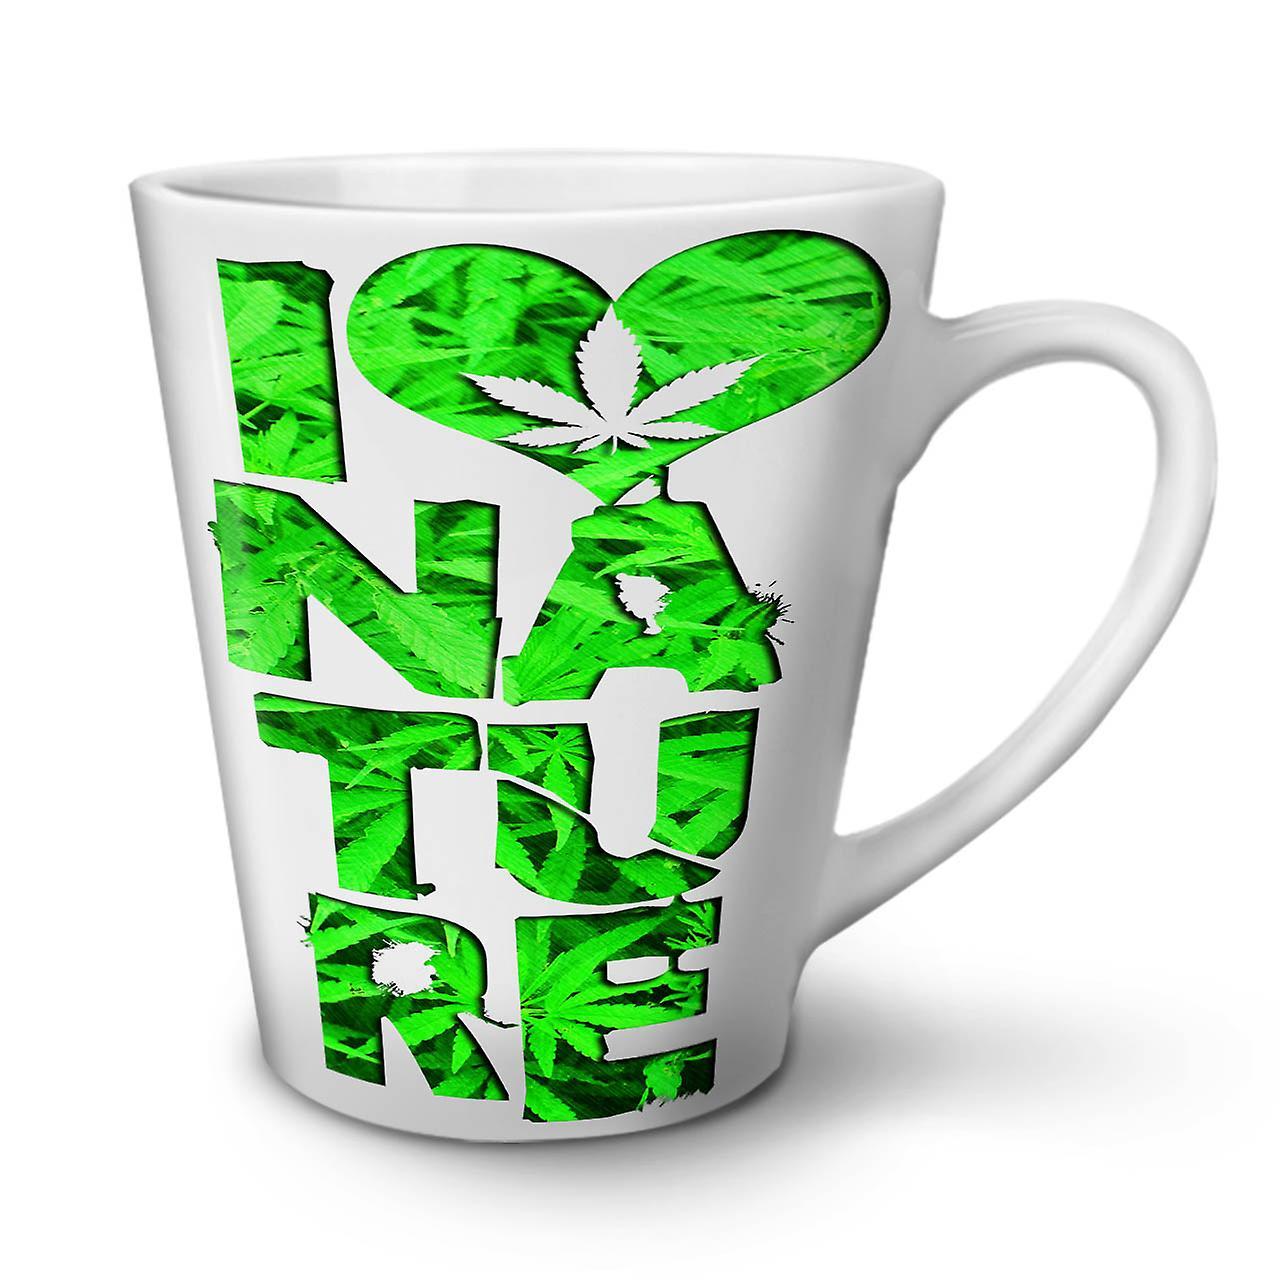 Les Nouvelle Blanche 12 En Rasta OzWellcoda Café Herbes Aimer Nature Mauvaises Contre Céramique Tasse Latte La SzUMpVq